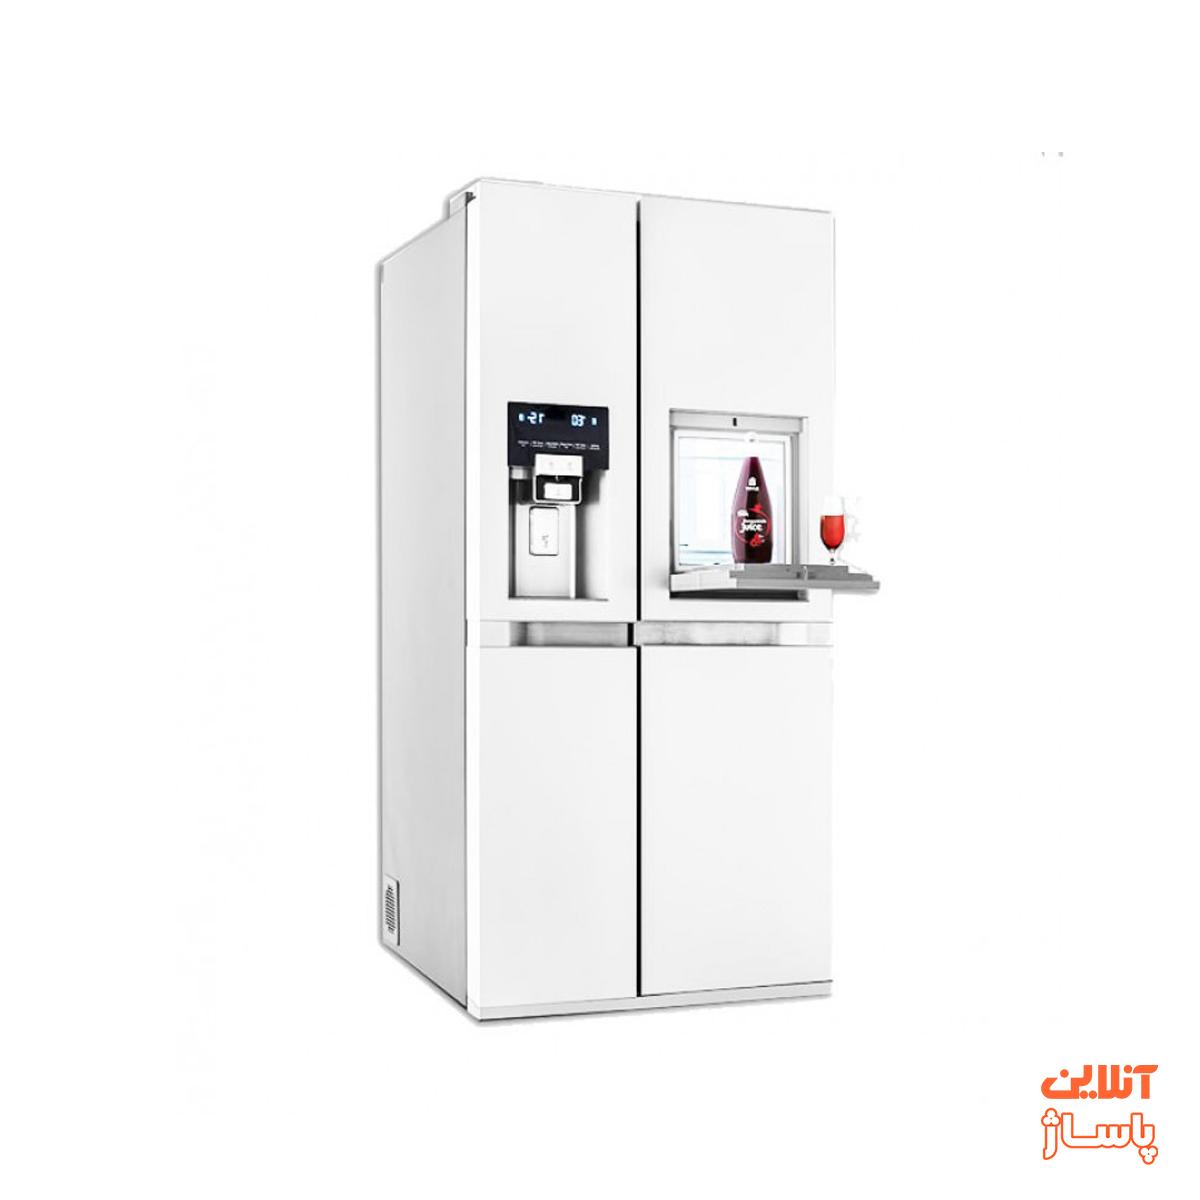 یخچال و فریزر ساید بای ساید دوو سری پرایم مدل D2S-1037MW  دو درب